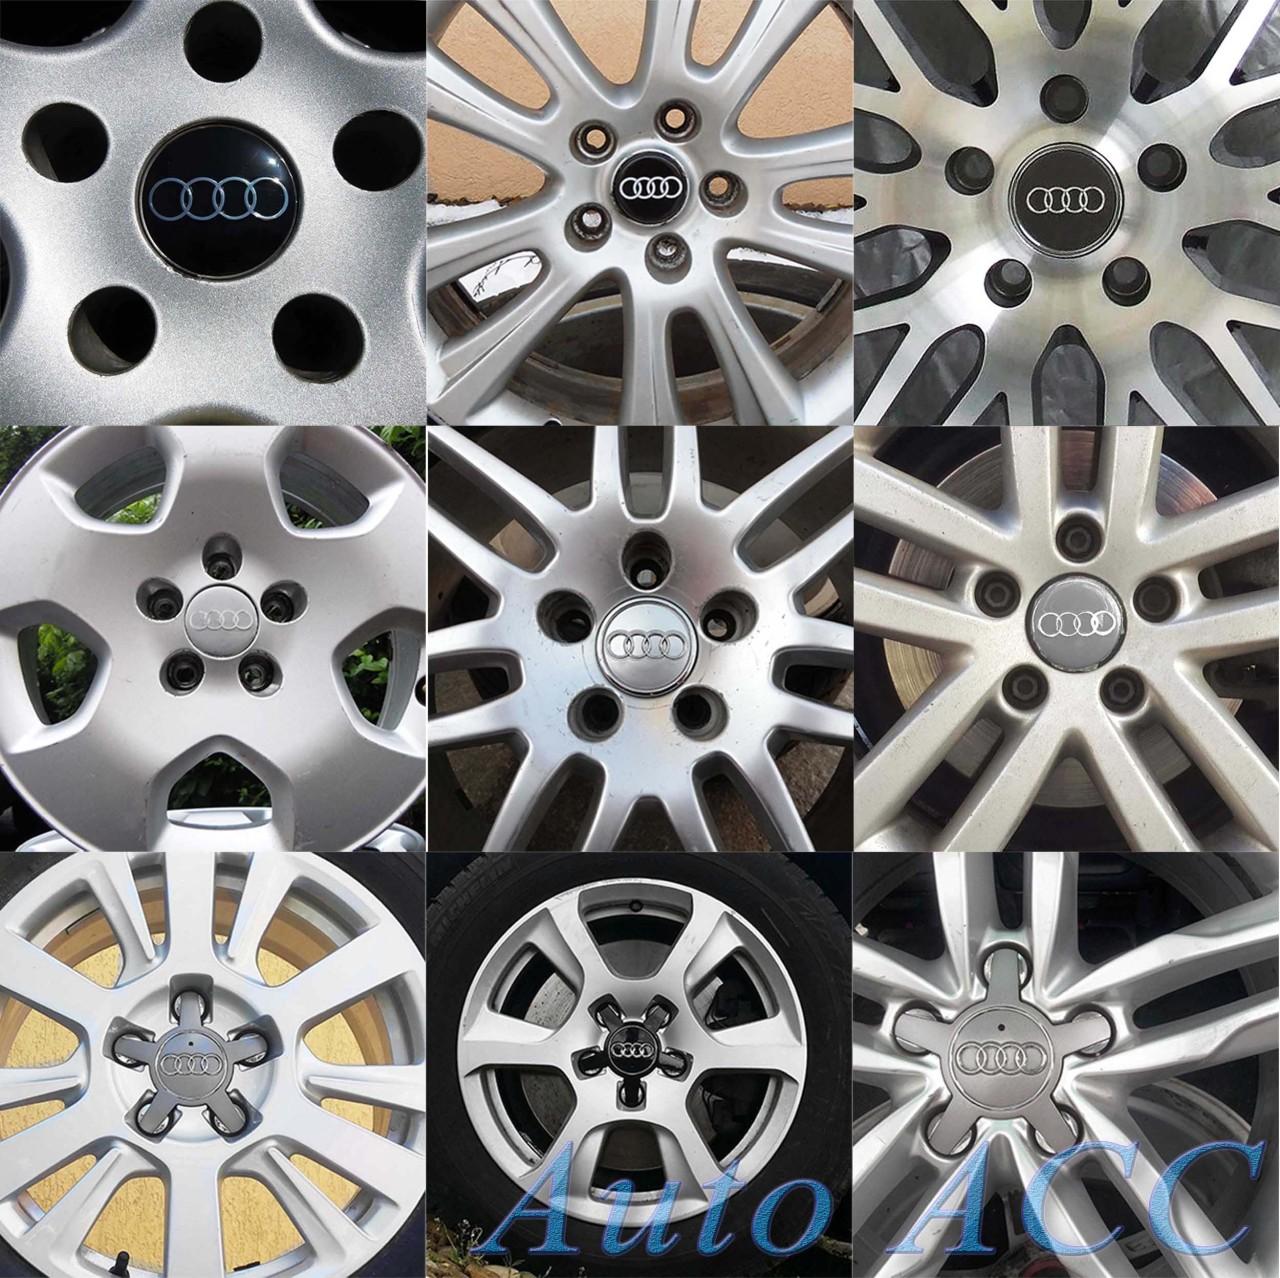 Capace Audi A3 A4 A5 A6 A8 Q3 Q5 Q7 - Jante 15 16 17 18 19 – gri / negre